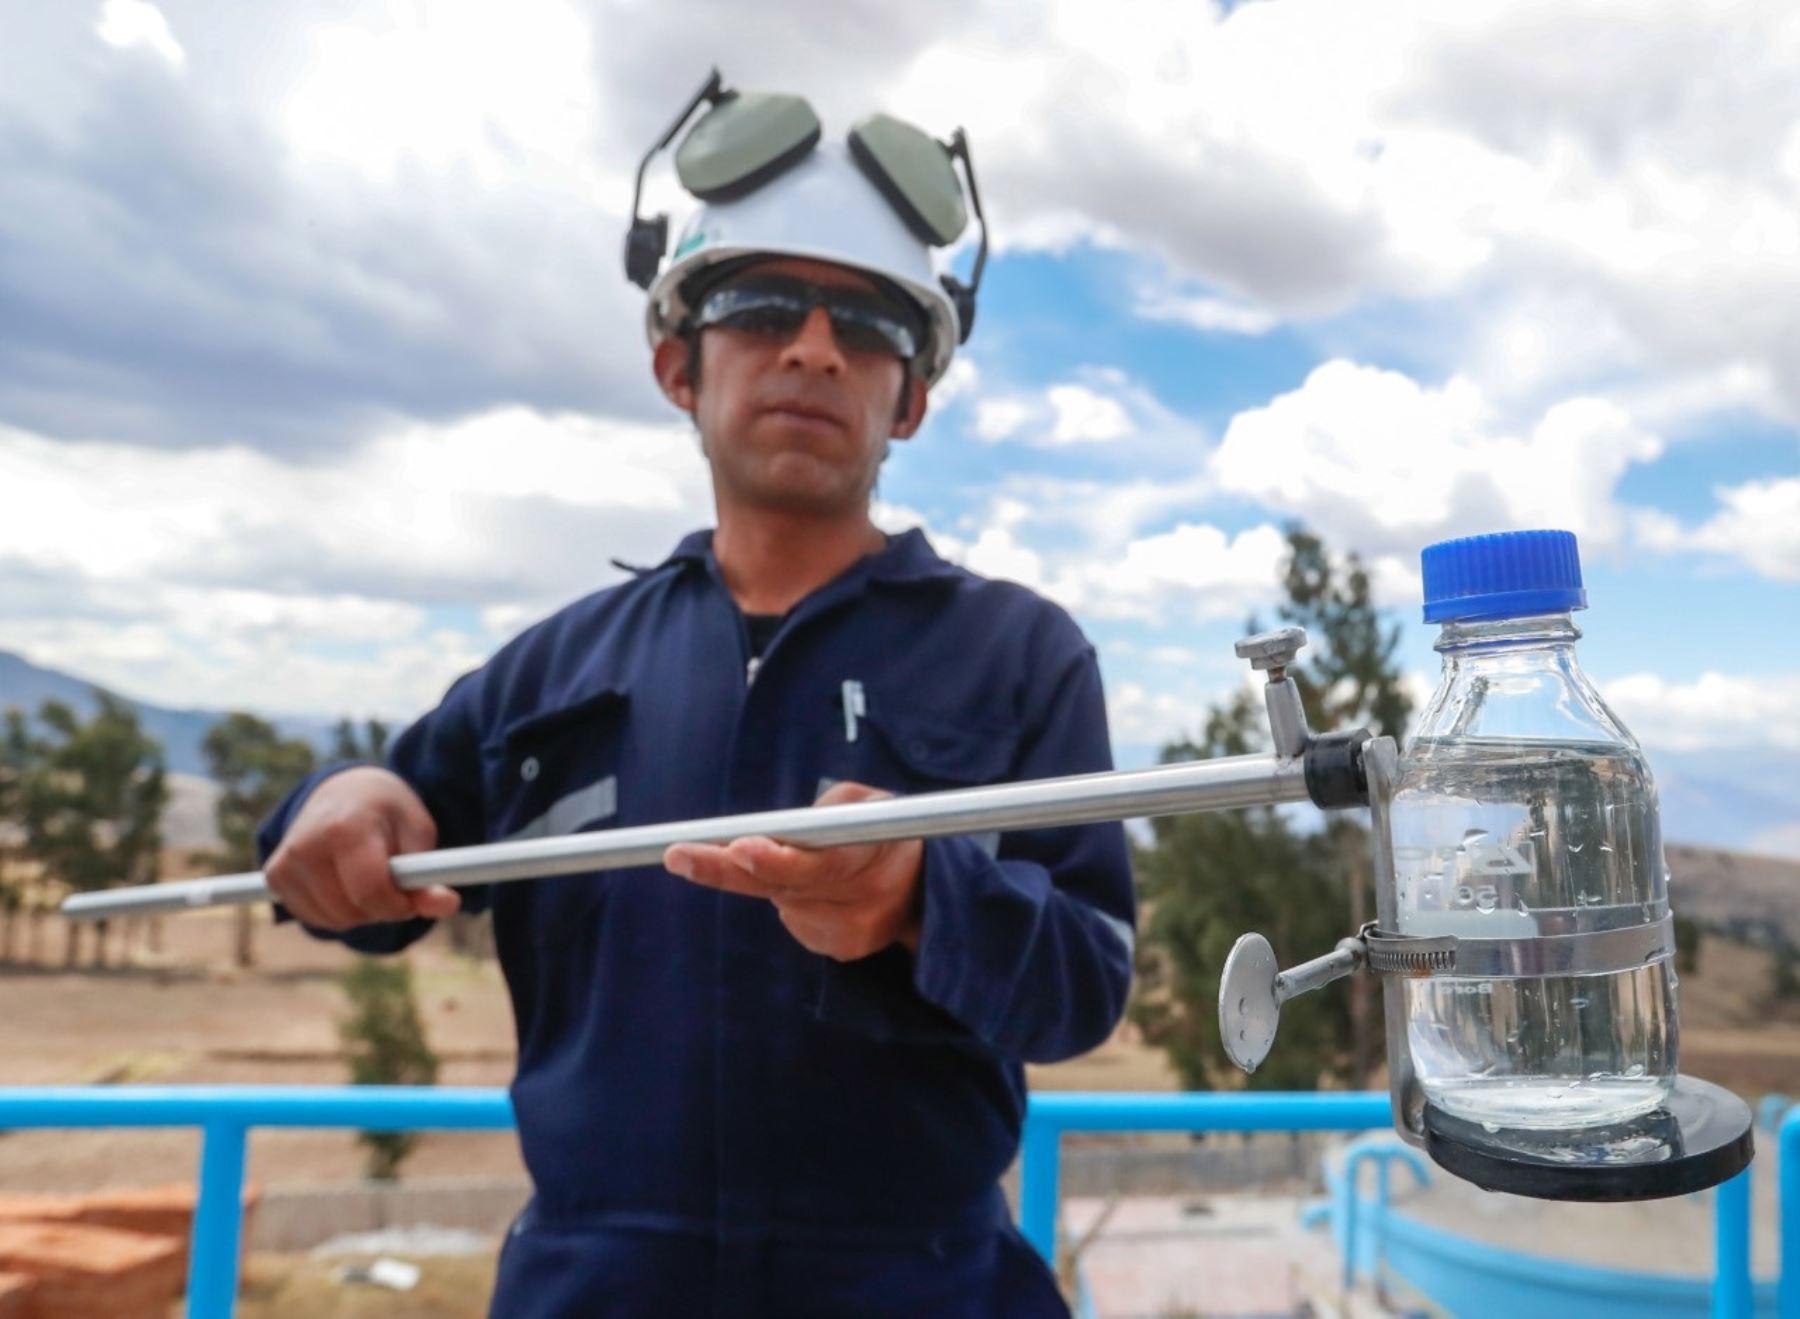 El Ministerio de Vivienda anunció que en diciembre se Iniciarán estudios para la detección de covid-19 en las aguas residuales de las ciudades de Arequipa y Lima. ANDINA/Difusión